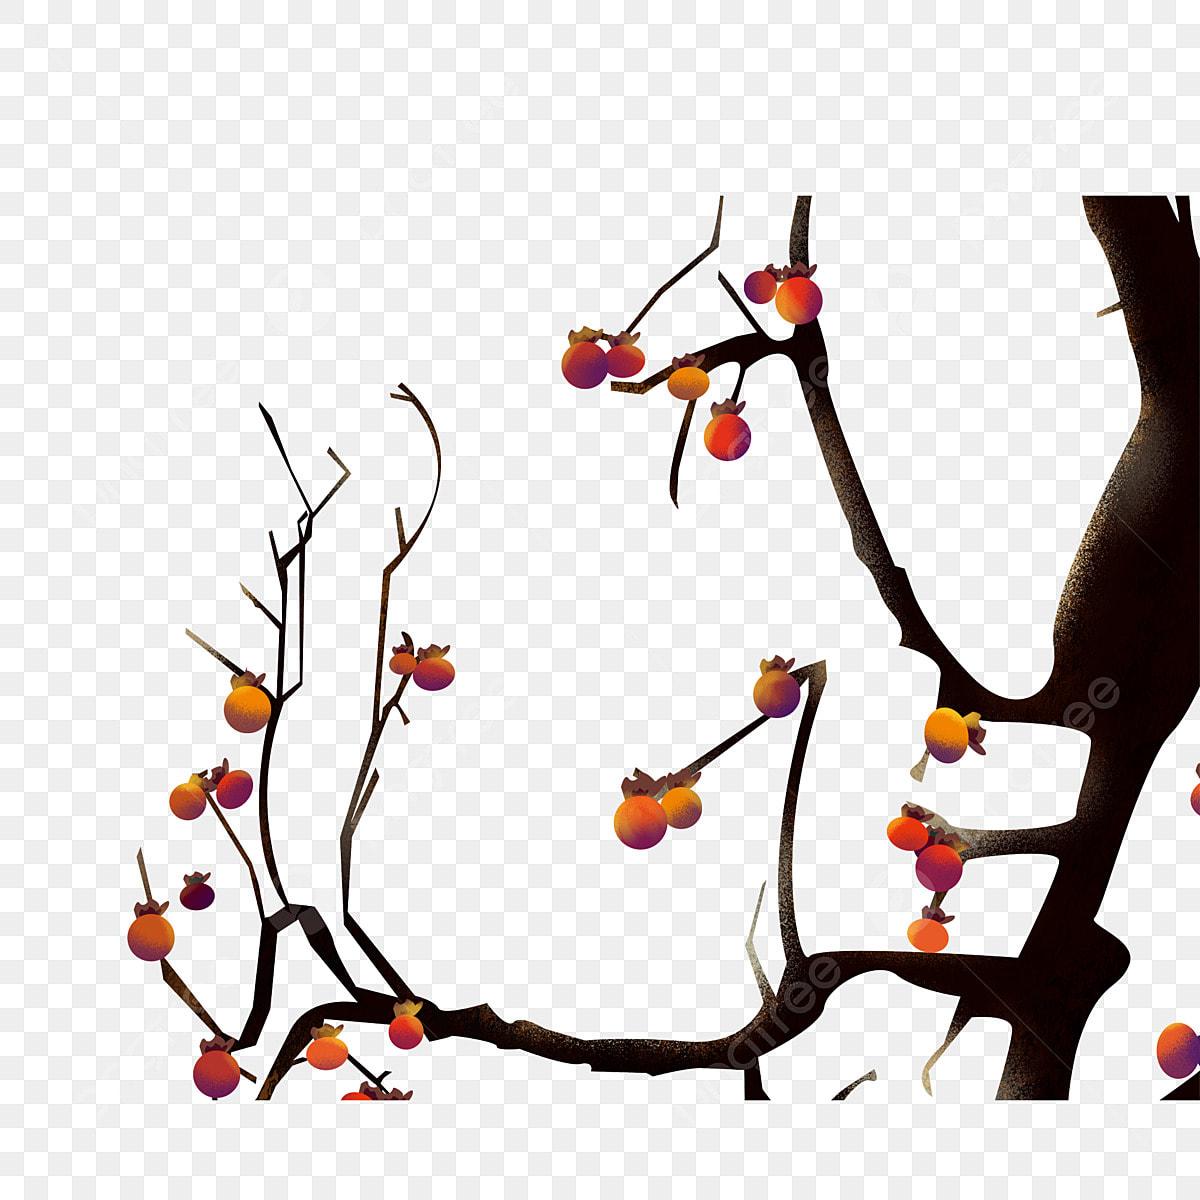 Bemalte Einen Kaki Baum Fur Kommerzielle Elemente Gemalt